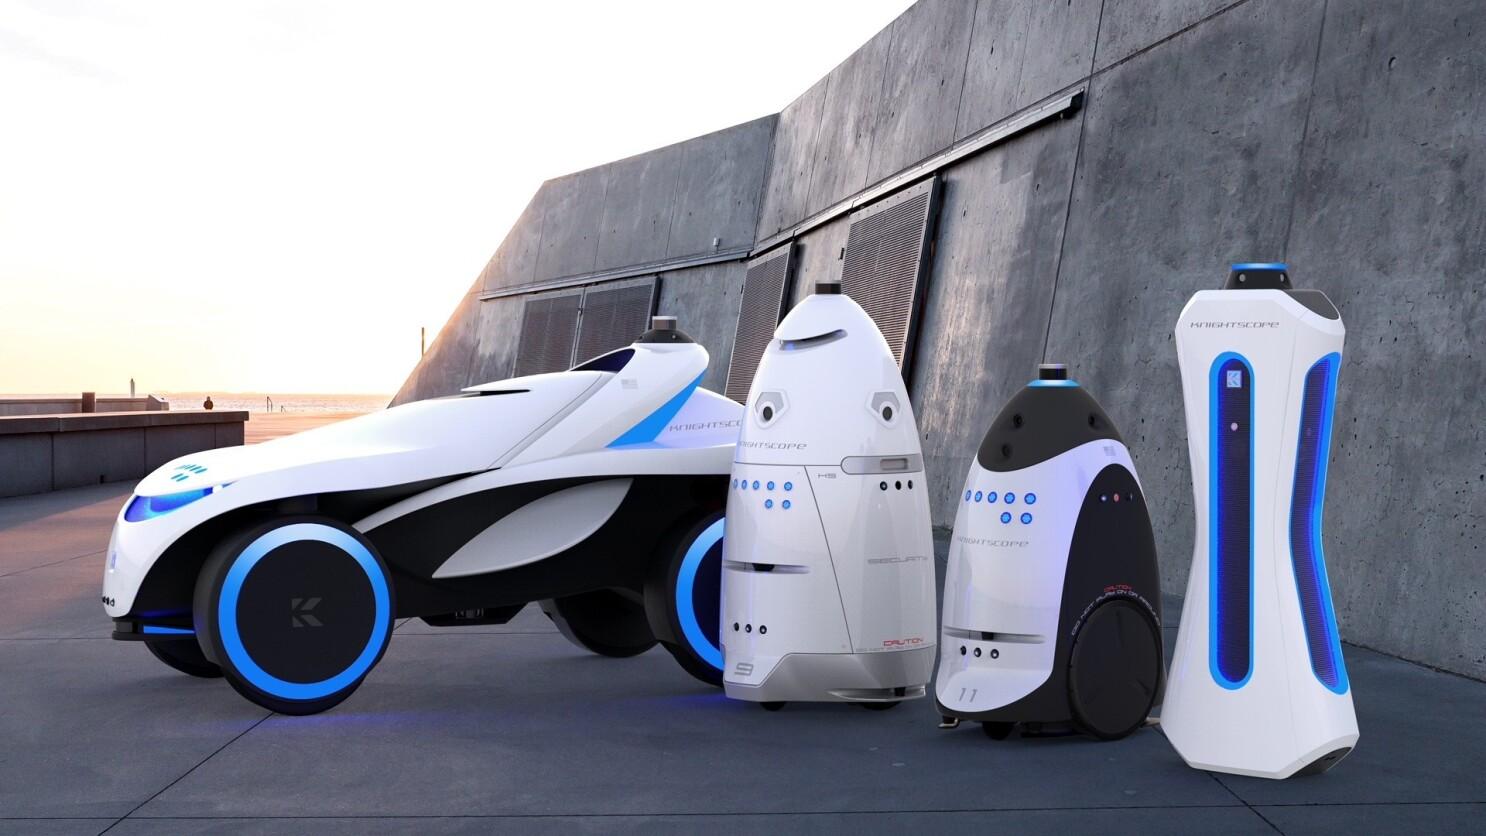 Pechanga using security robots to monitor casino resort